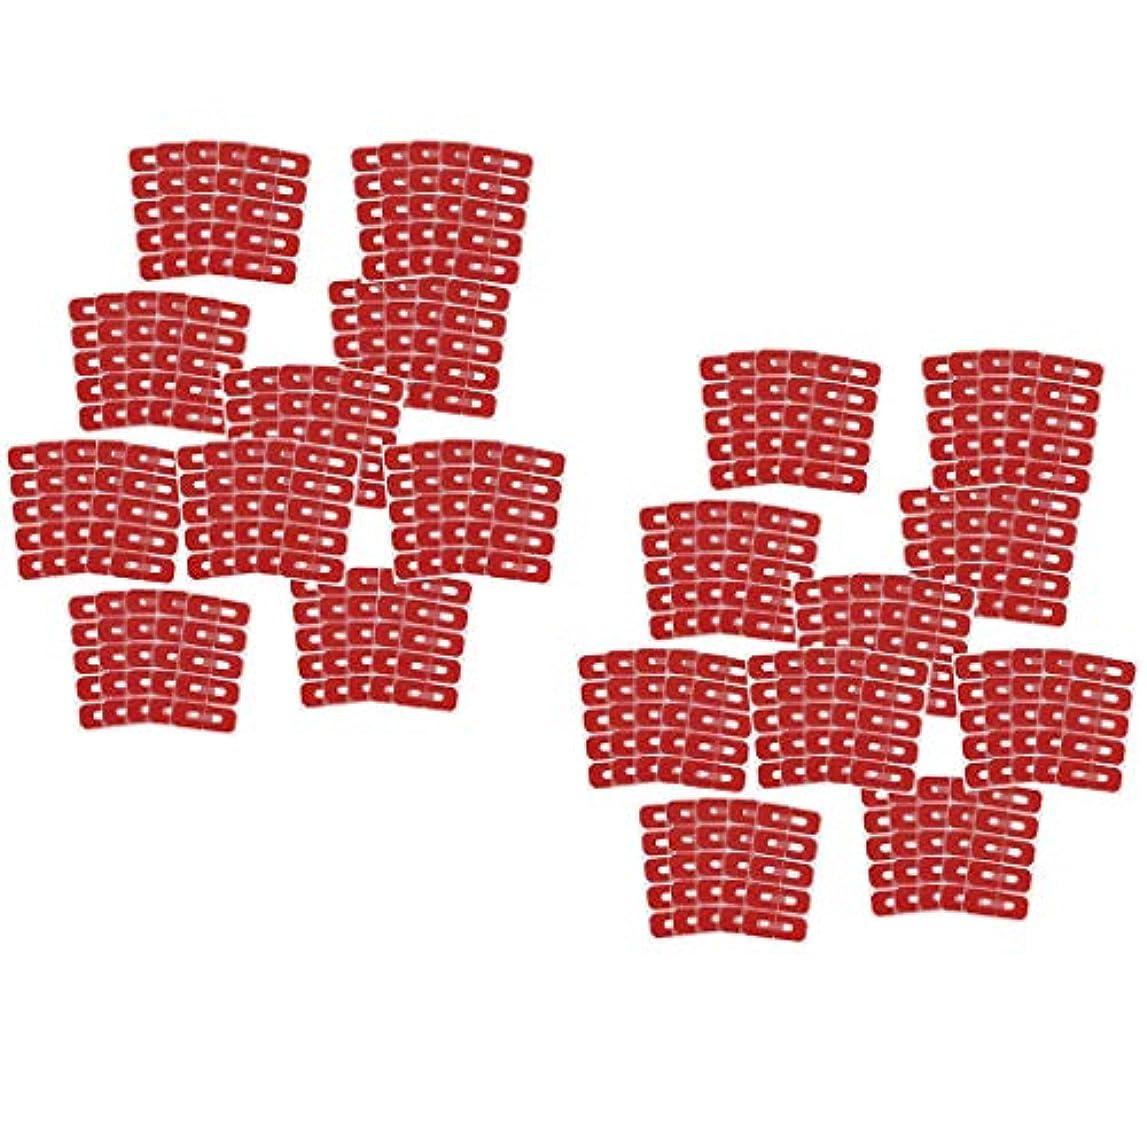 申請中飢リビングルームT TOOYFUL ネイルサロン こぼれ防止 ネイルプロテクター カバー 使い捨て ネイルポリッシュ ネイルアート